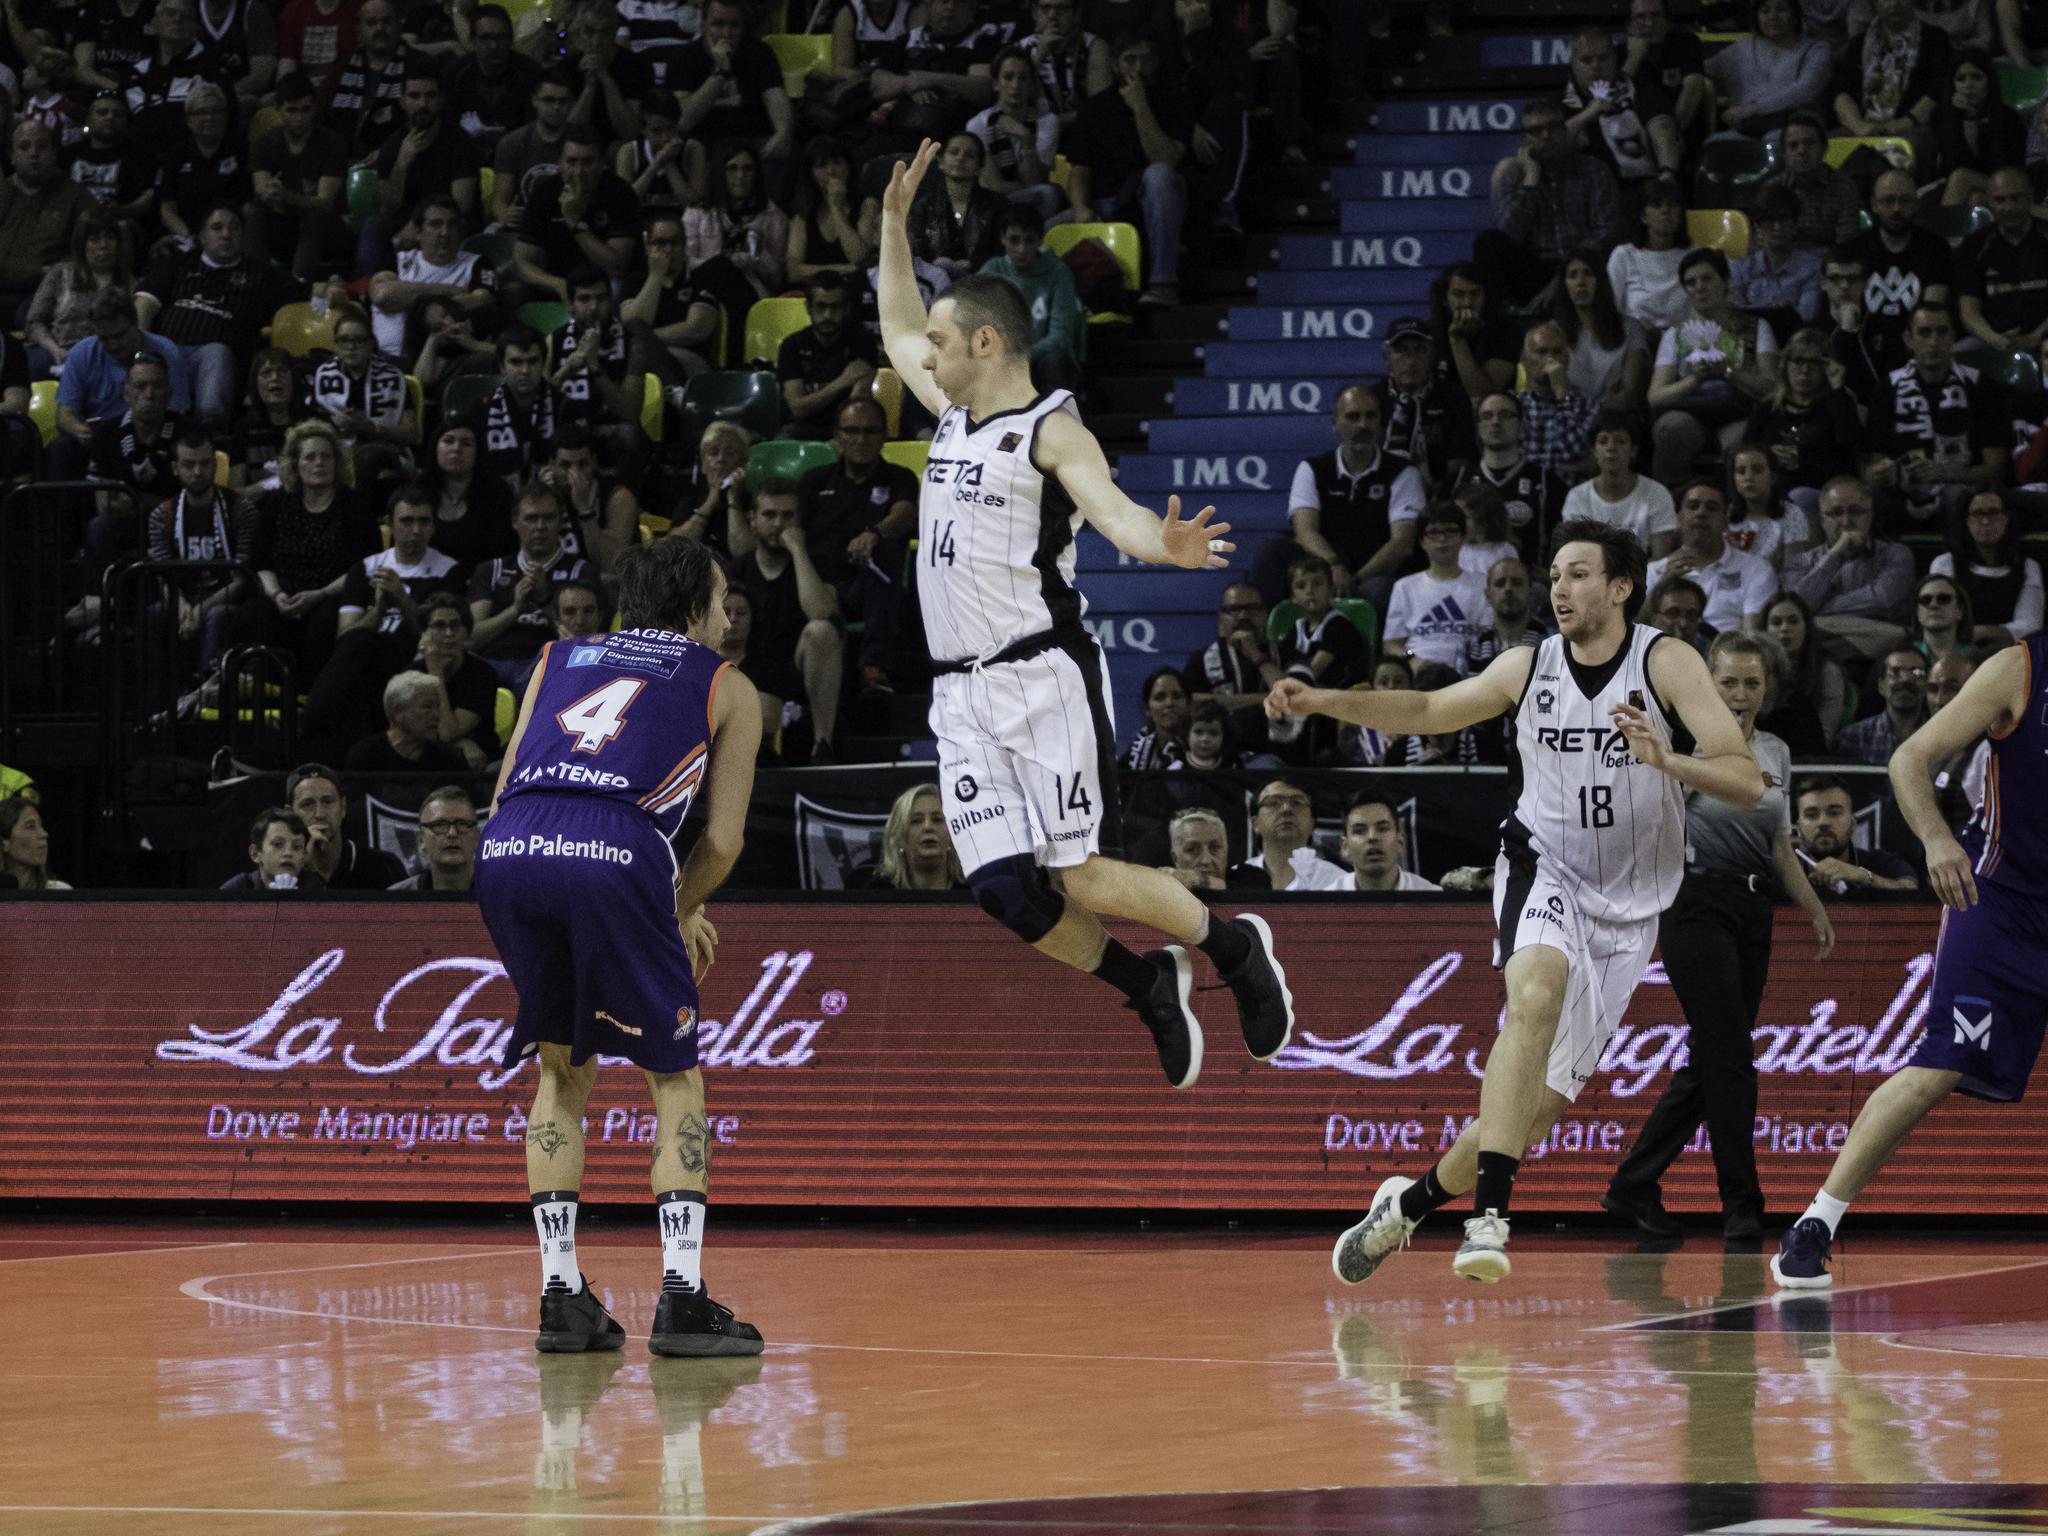 Grimau hace volar a su defensor  | Foto: Luis Fernando Boo.